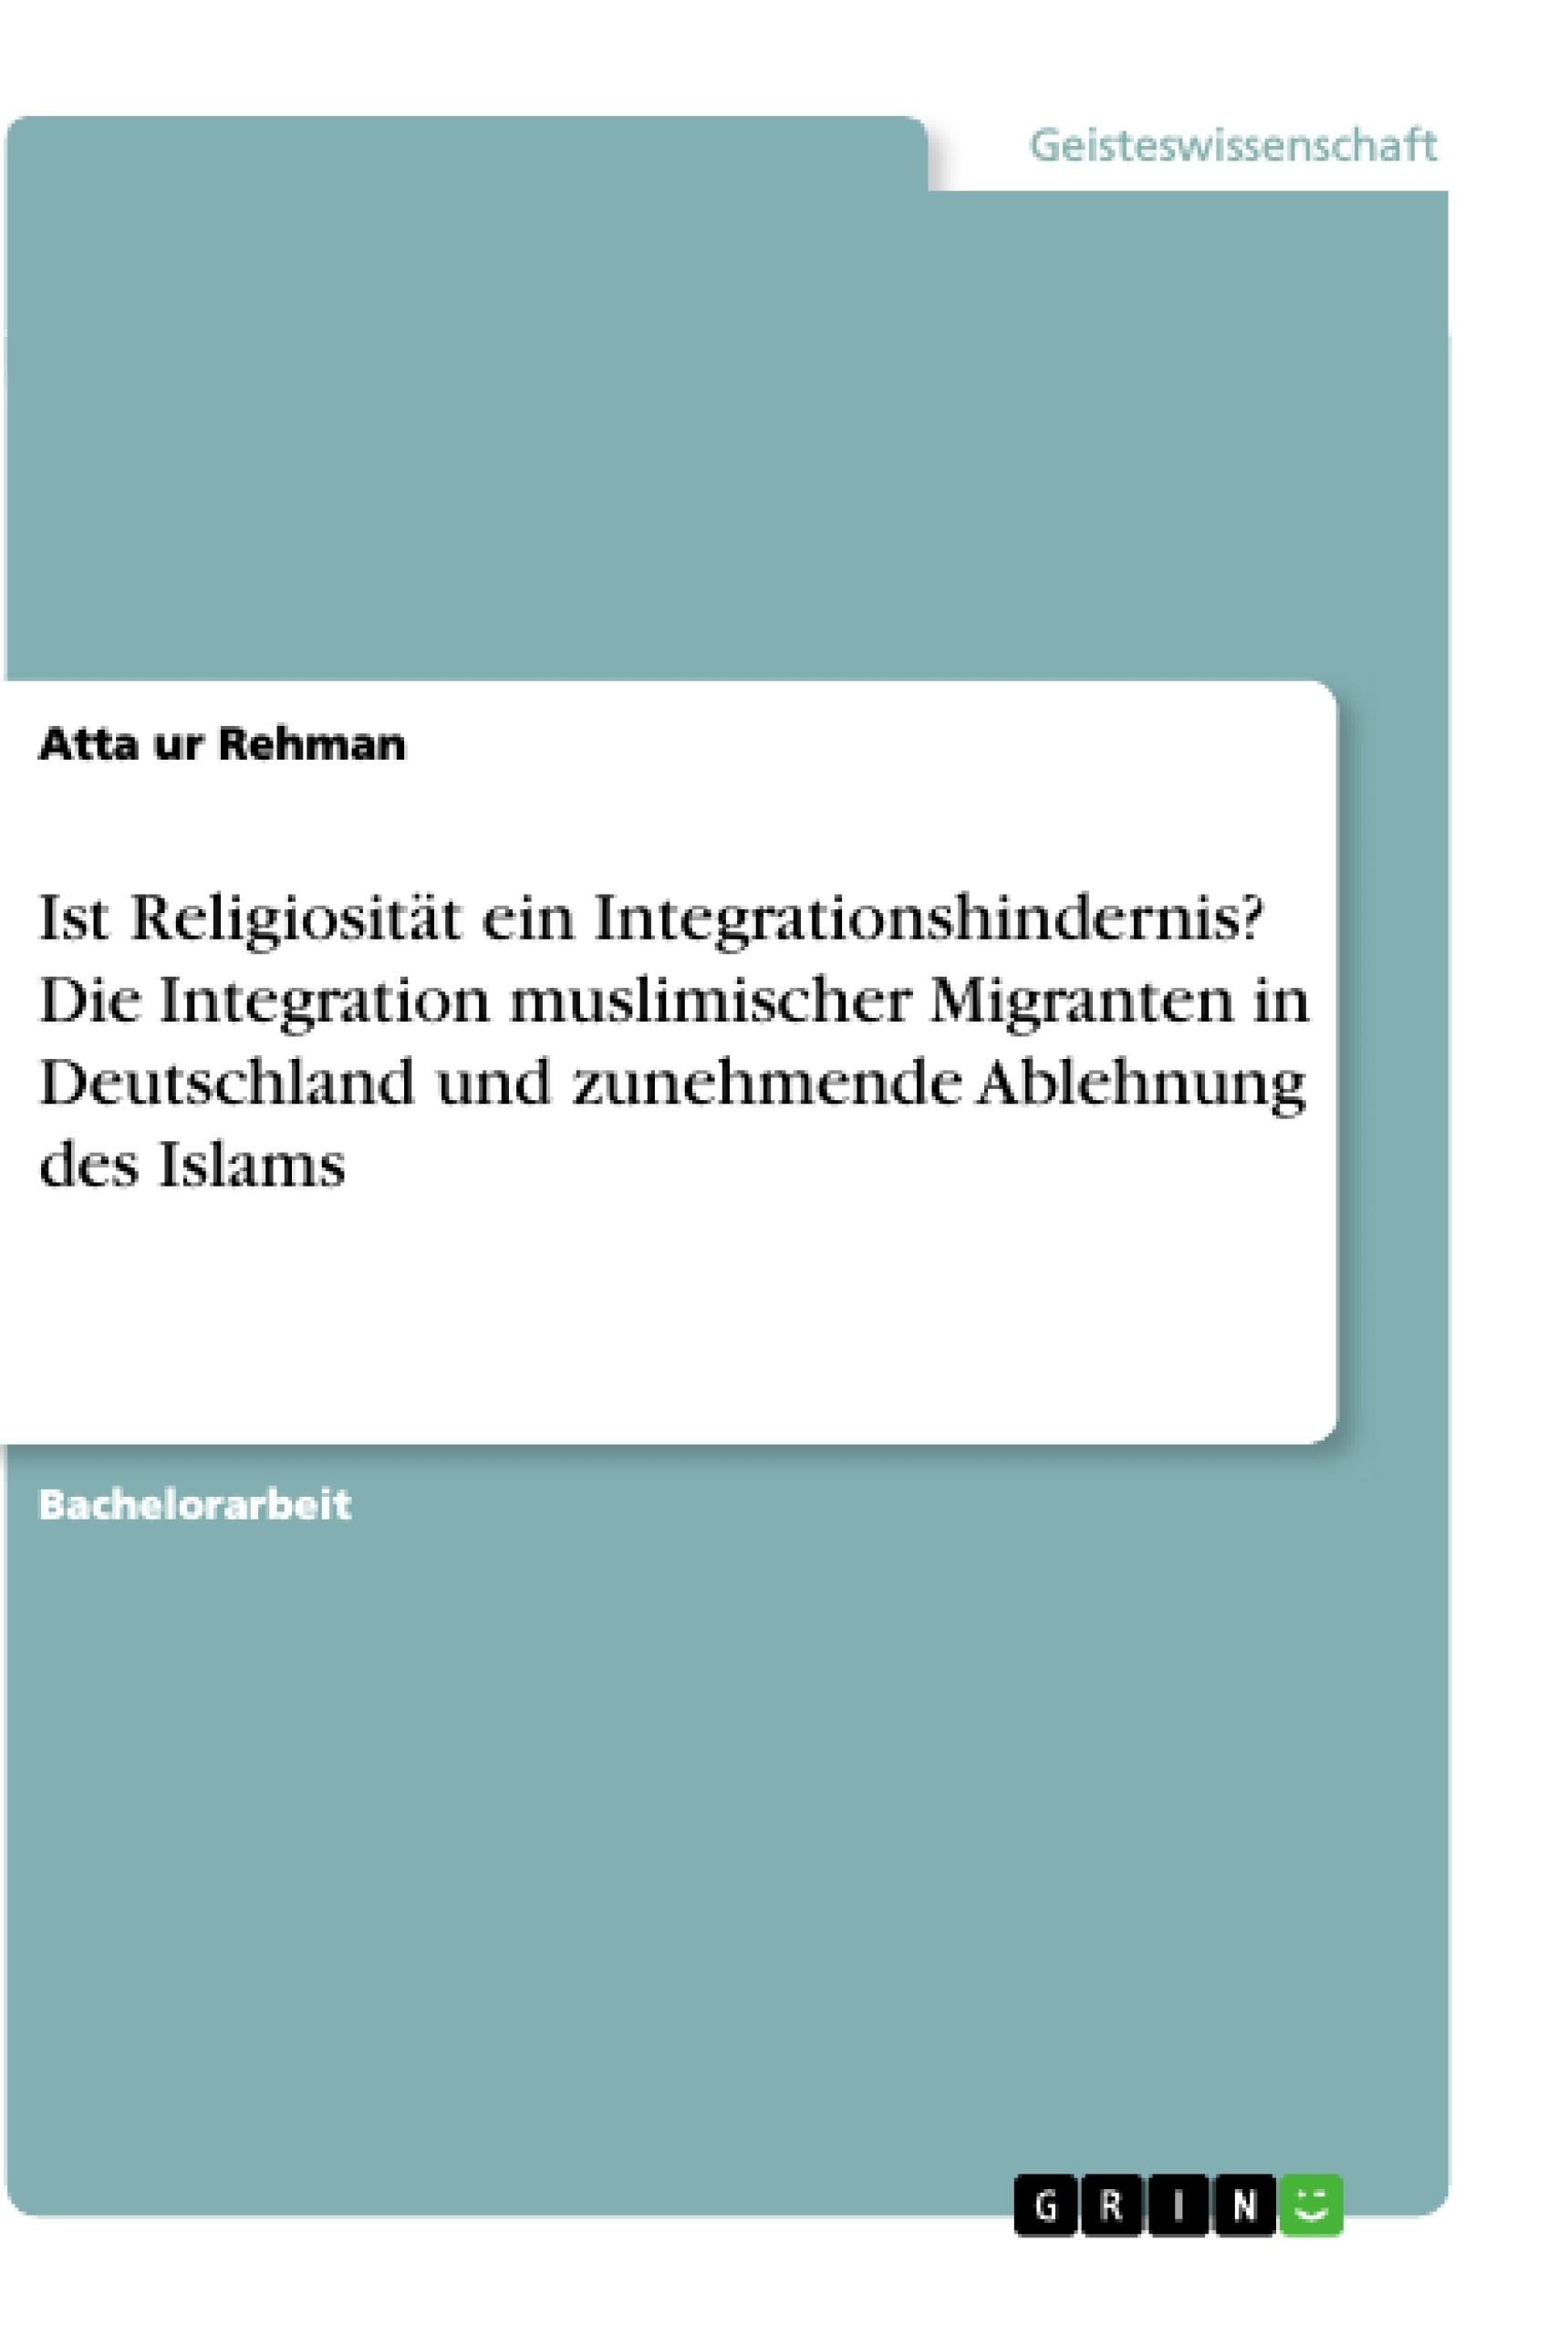 Titel: Ist Religiosität ein Integrationshindernis? Die Integration muslimischer Migranten in Deutschland und zunehmende Ablehnung des Islams